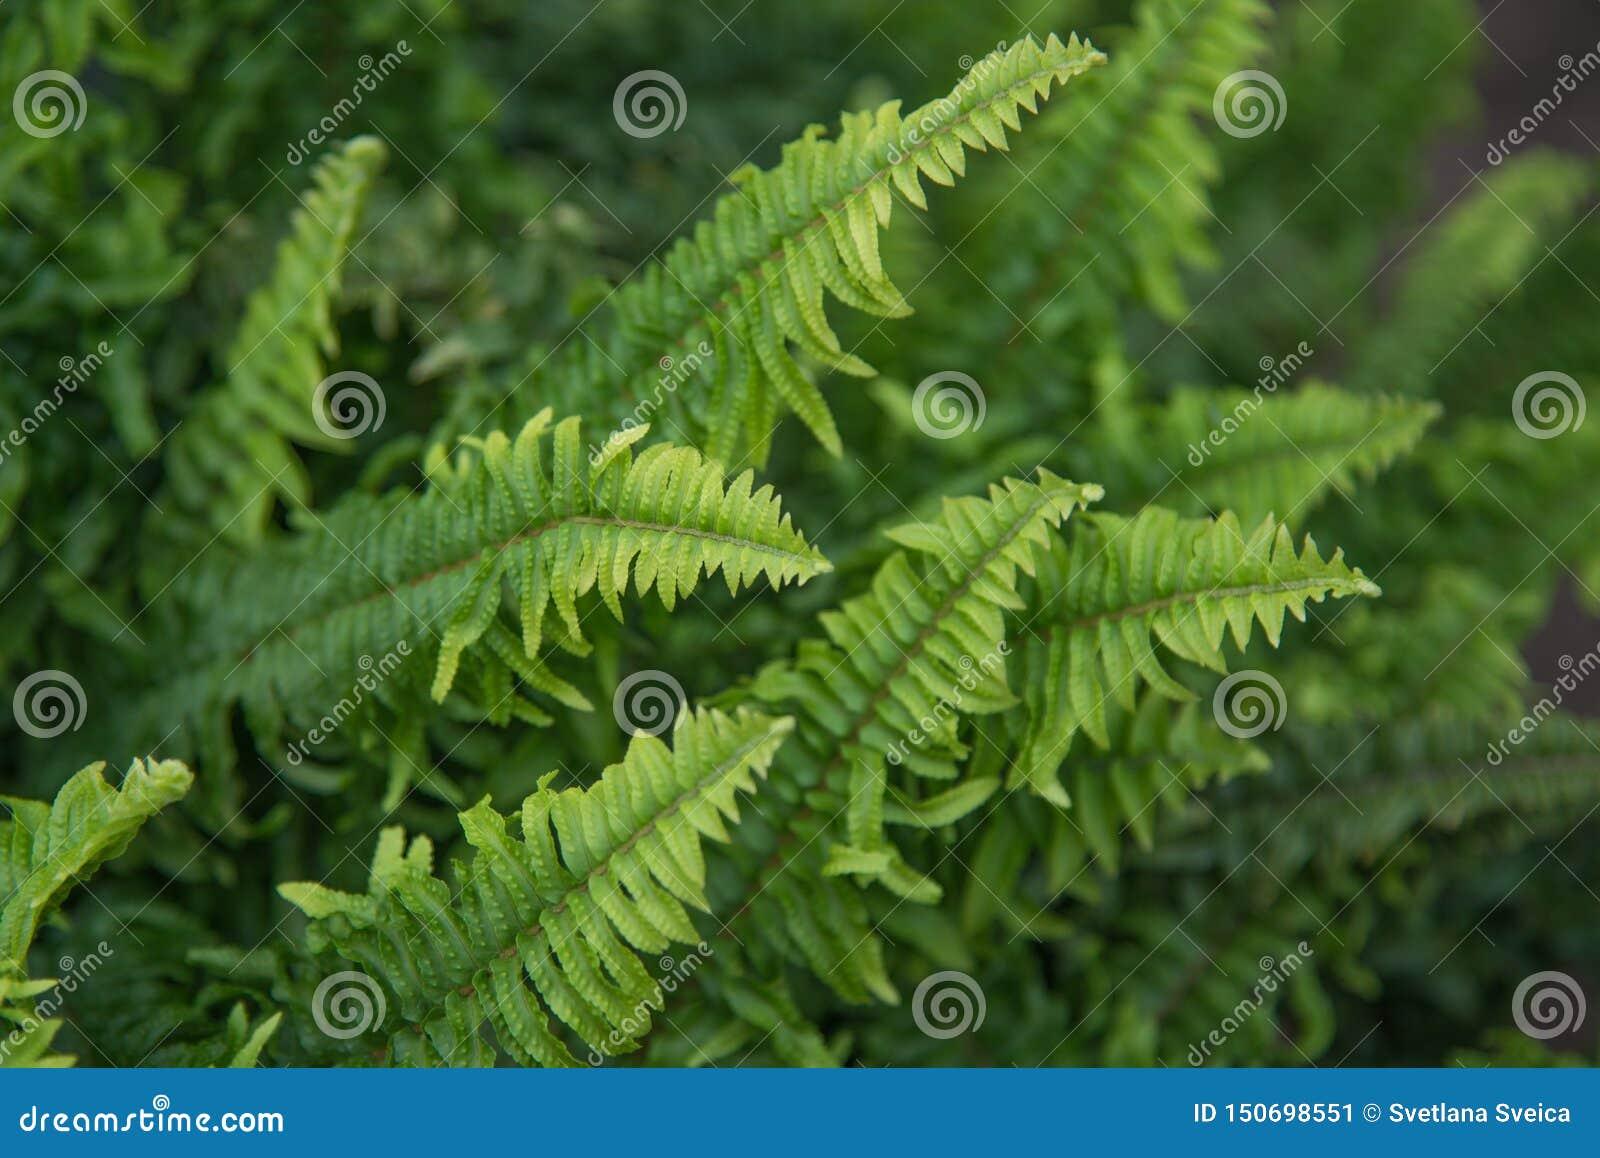 Pięknych paprociowych liści zielony ulistnienie w ogródzie Naturalny kwiecisty paprociowy t?o